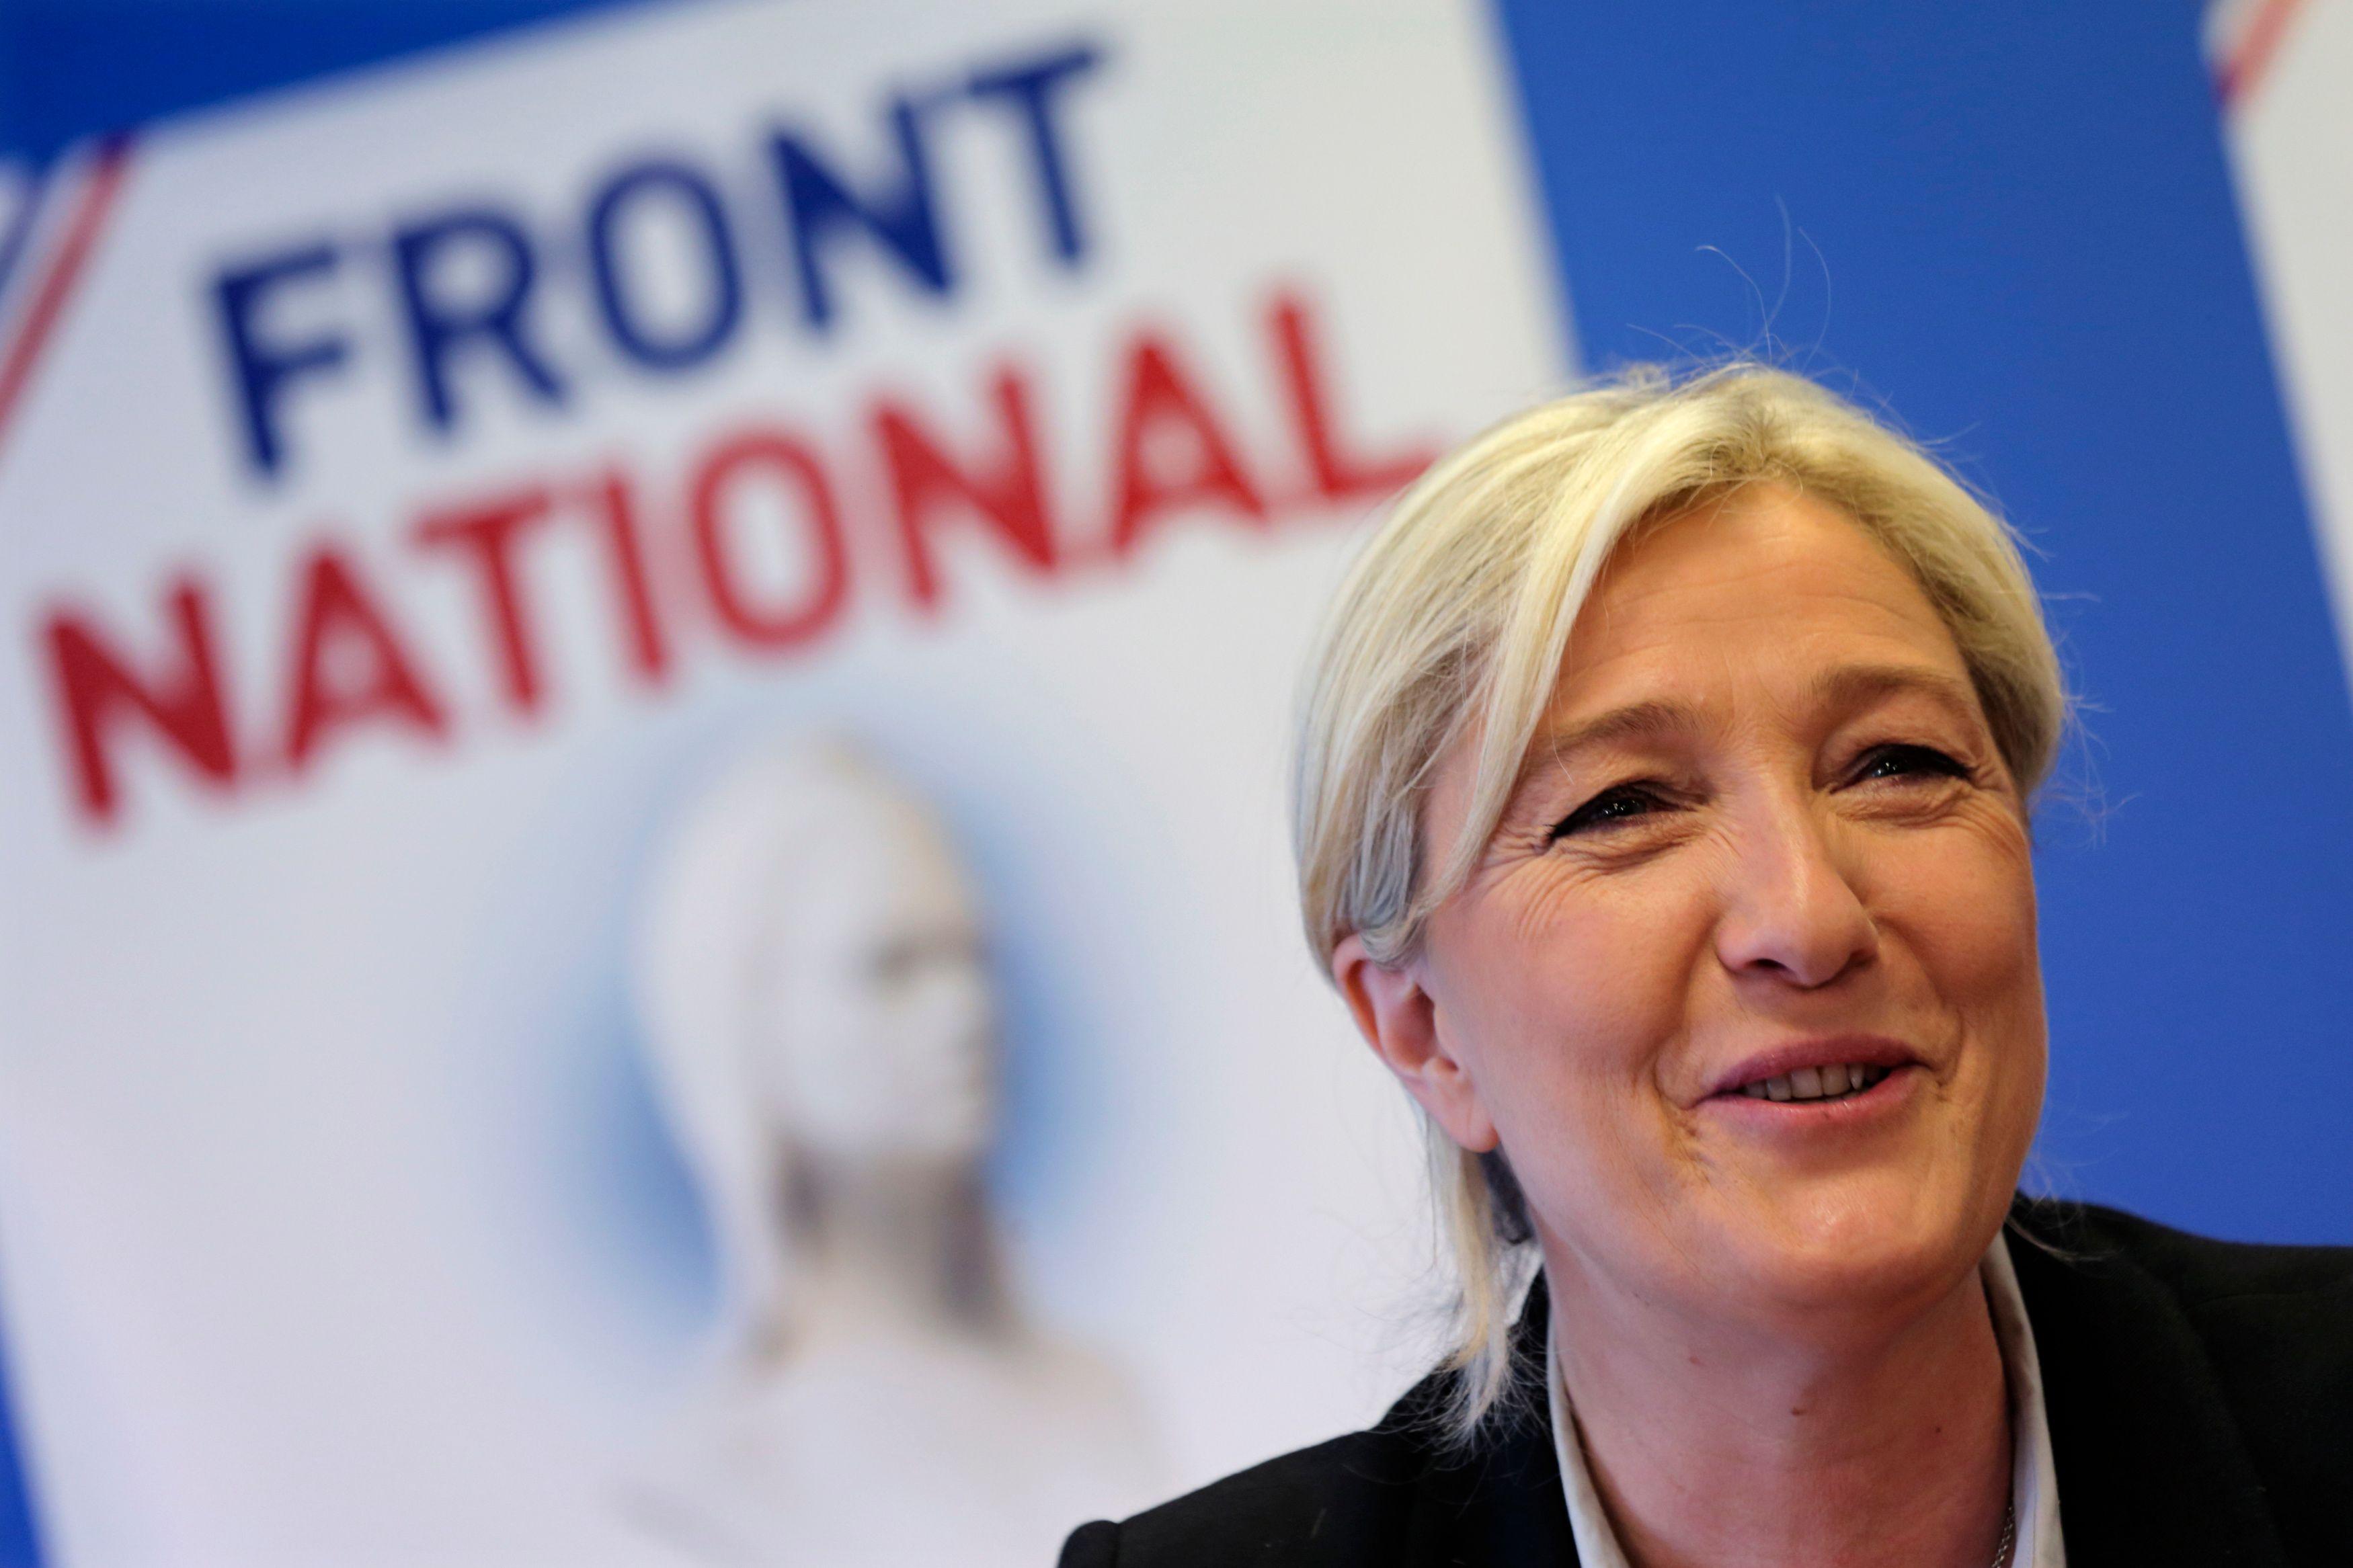 Sous prétexte de faire barrage au Front national, notre classe politique ne cesse de faire son jeu et de le nourrir